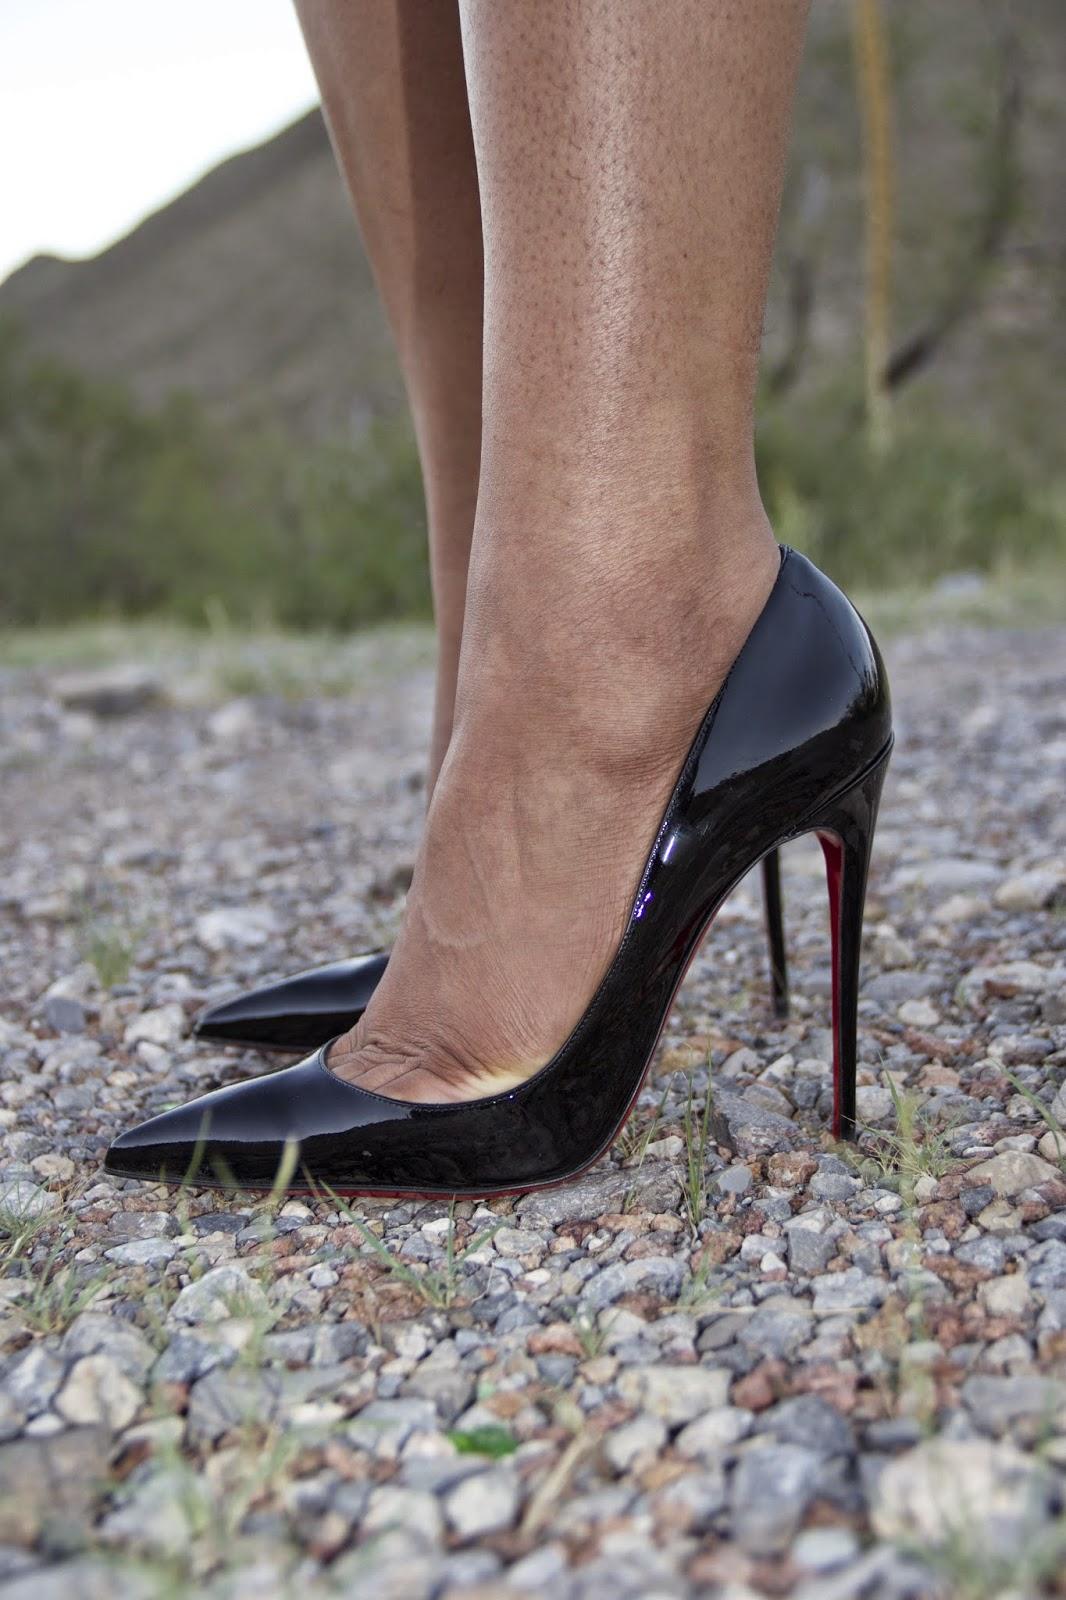 allthingsslim shoegasm heels pumps